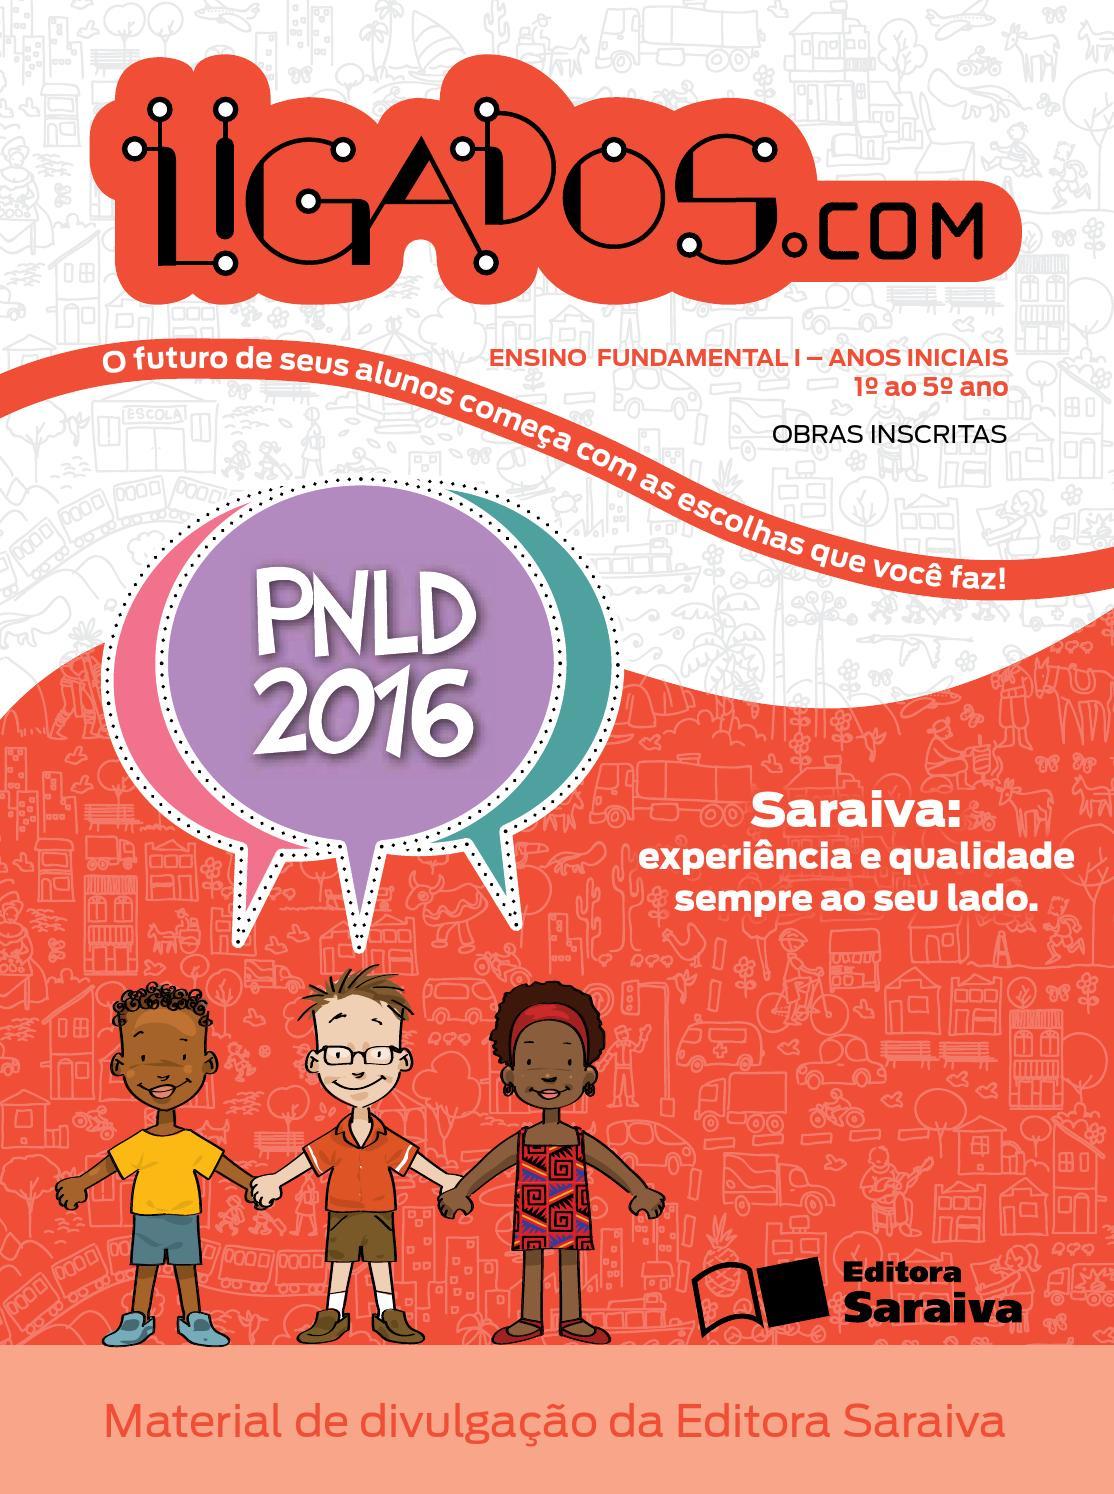 Projeto Ligados.com - Obra inscrita no PNLD 2016 by Saraiva PNLD 2016 -  issuu a58d30d438eb8